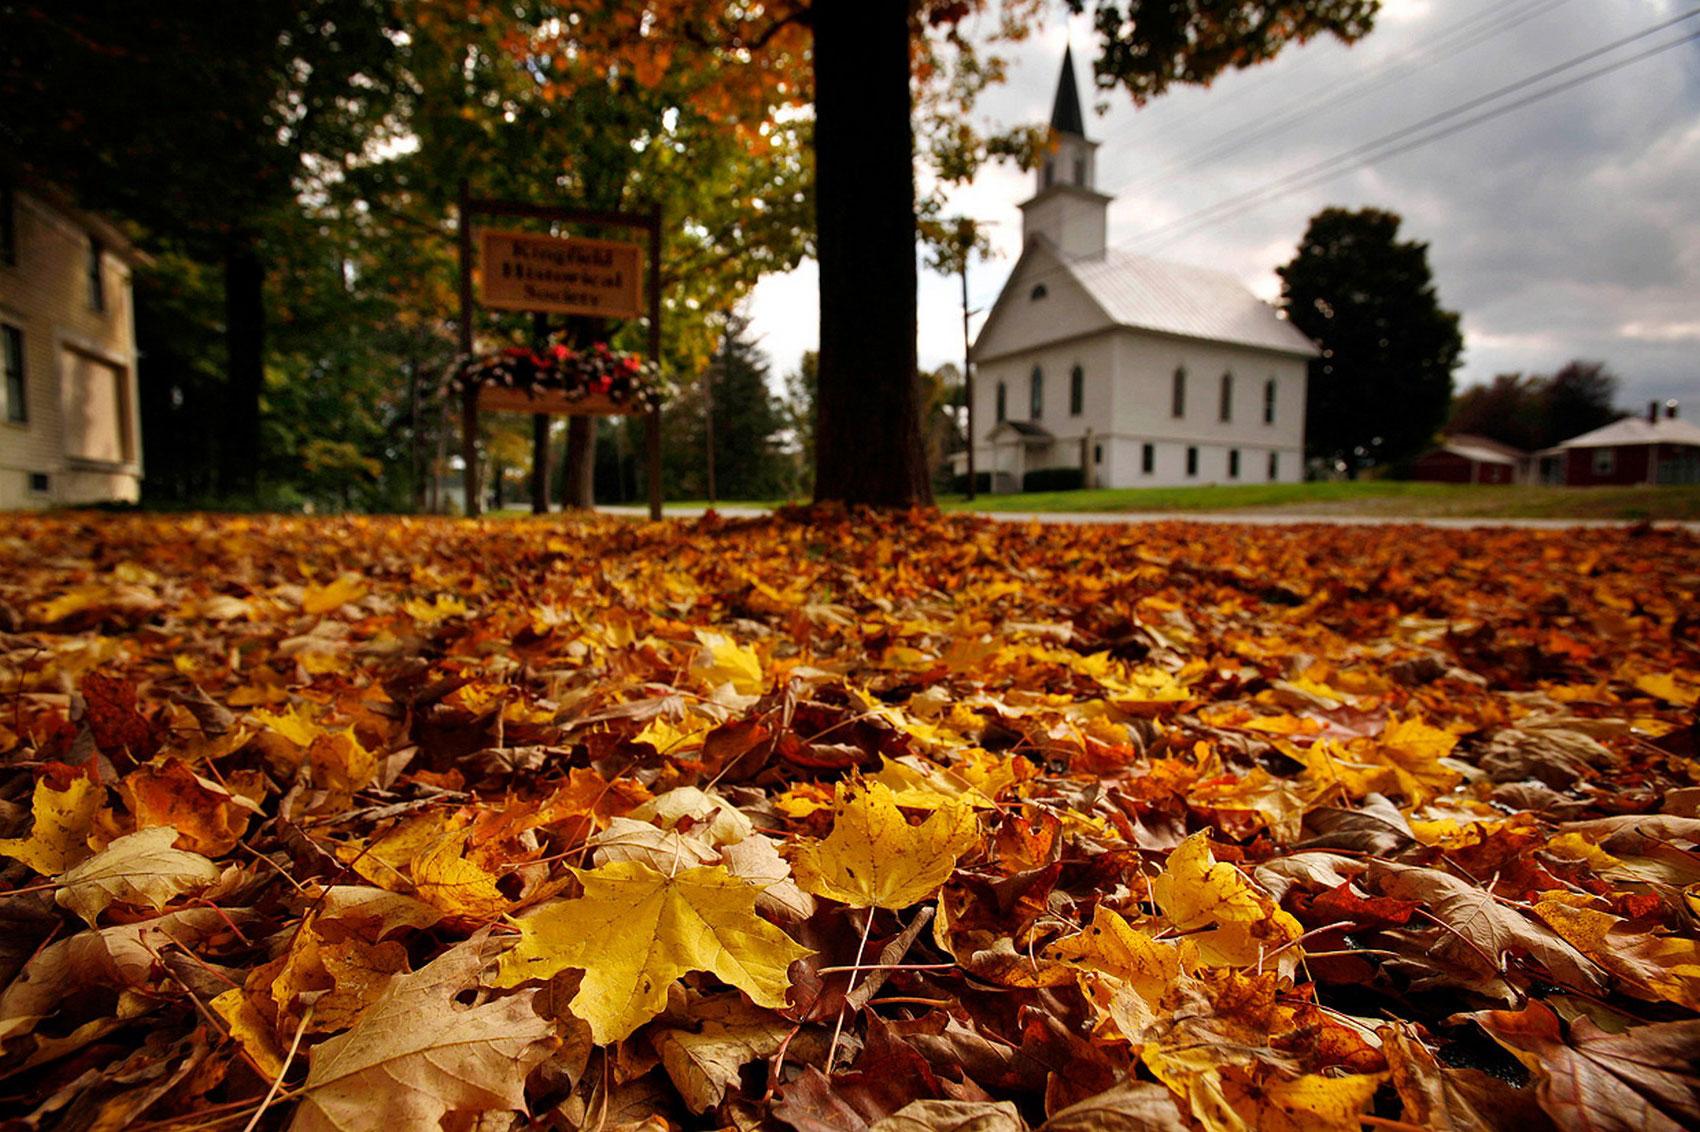 осенний ковер из кленовых листьев